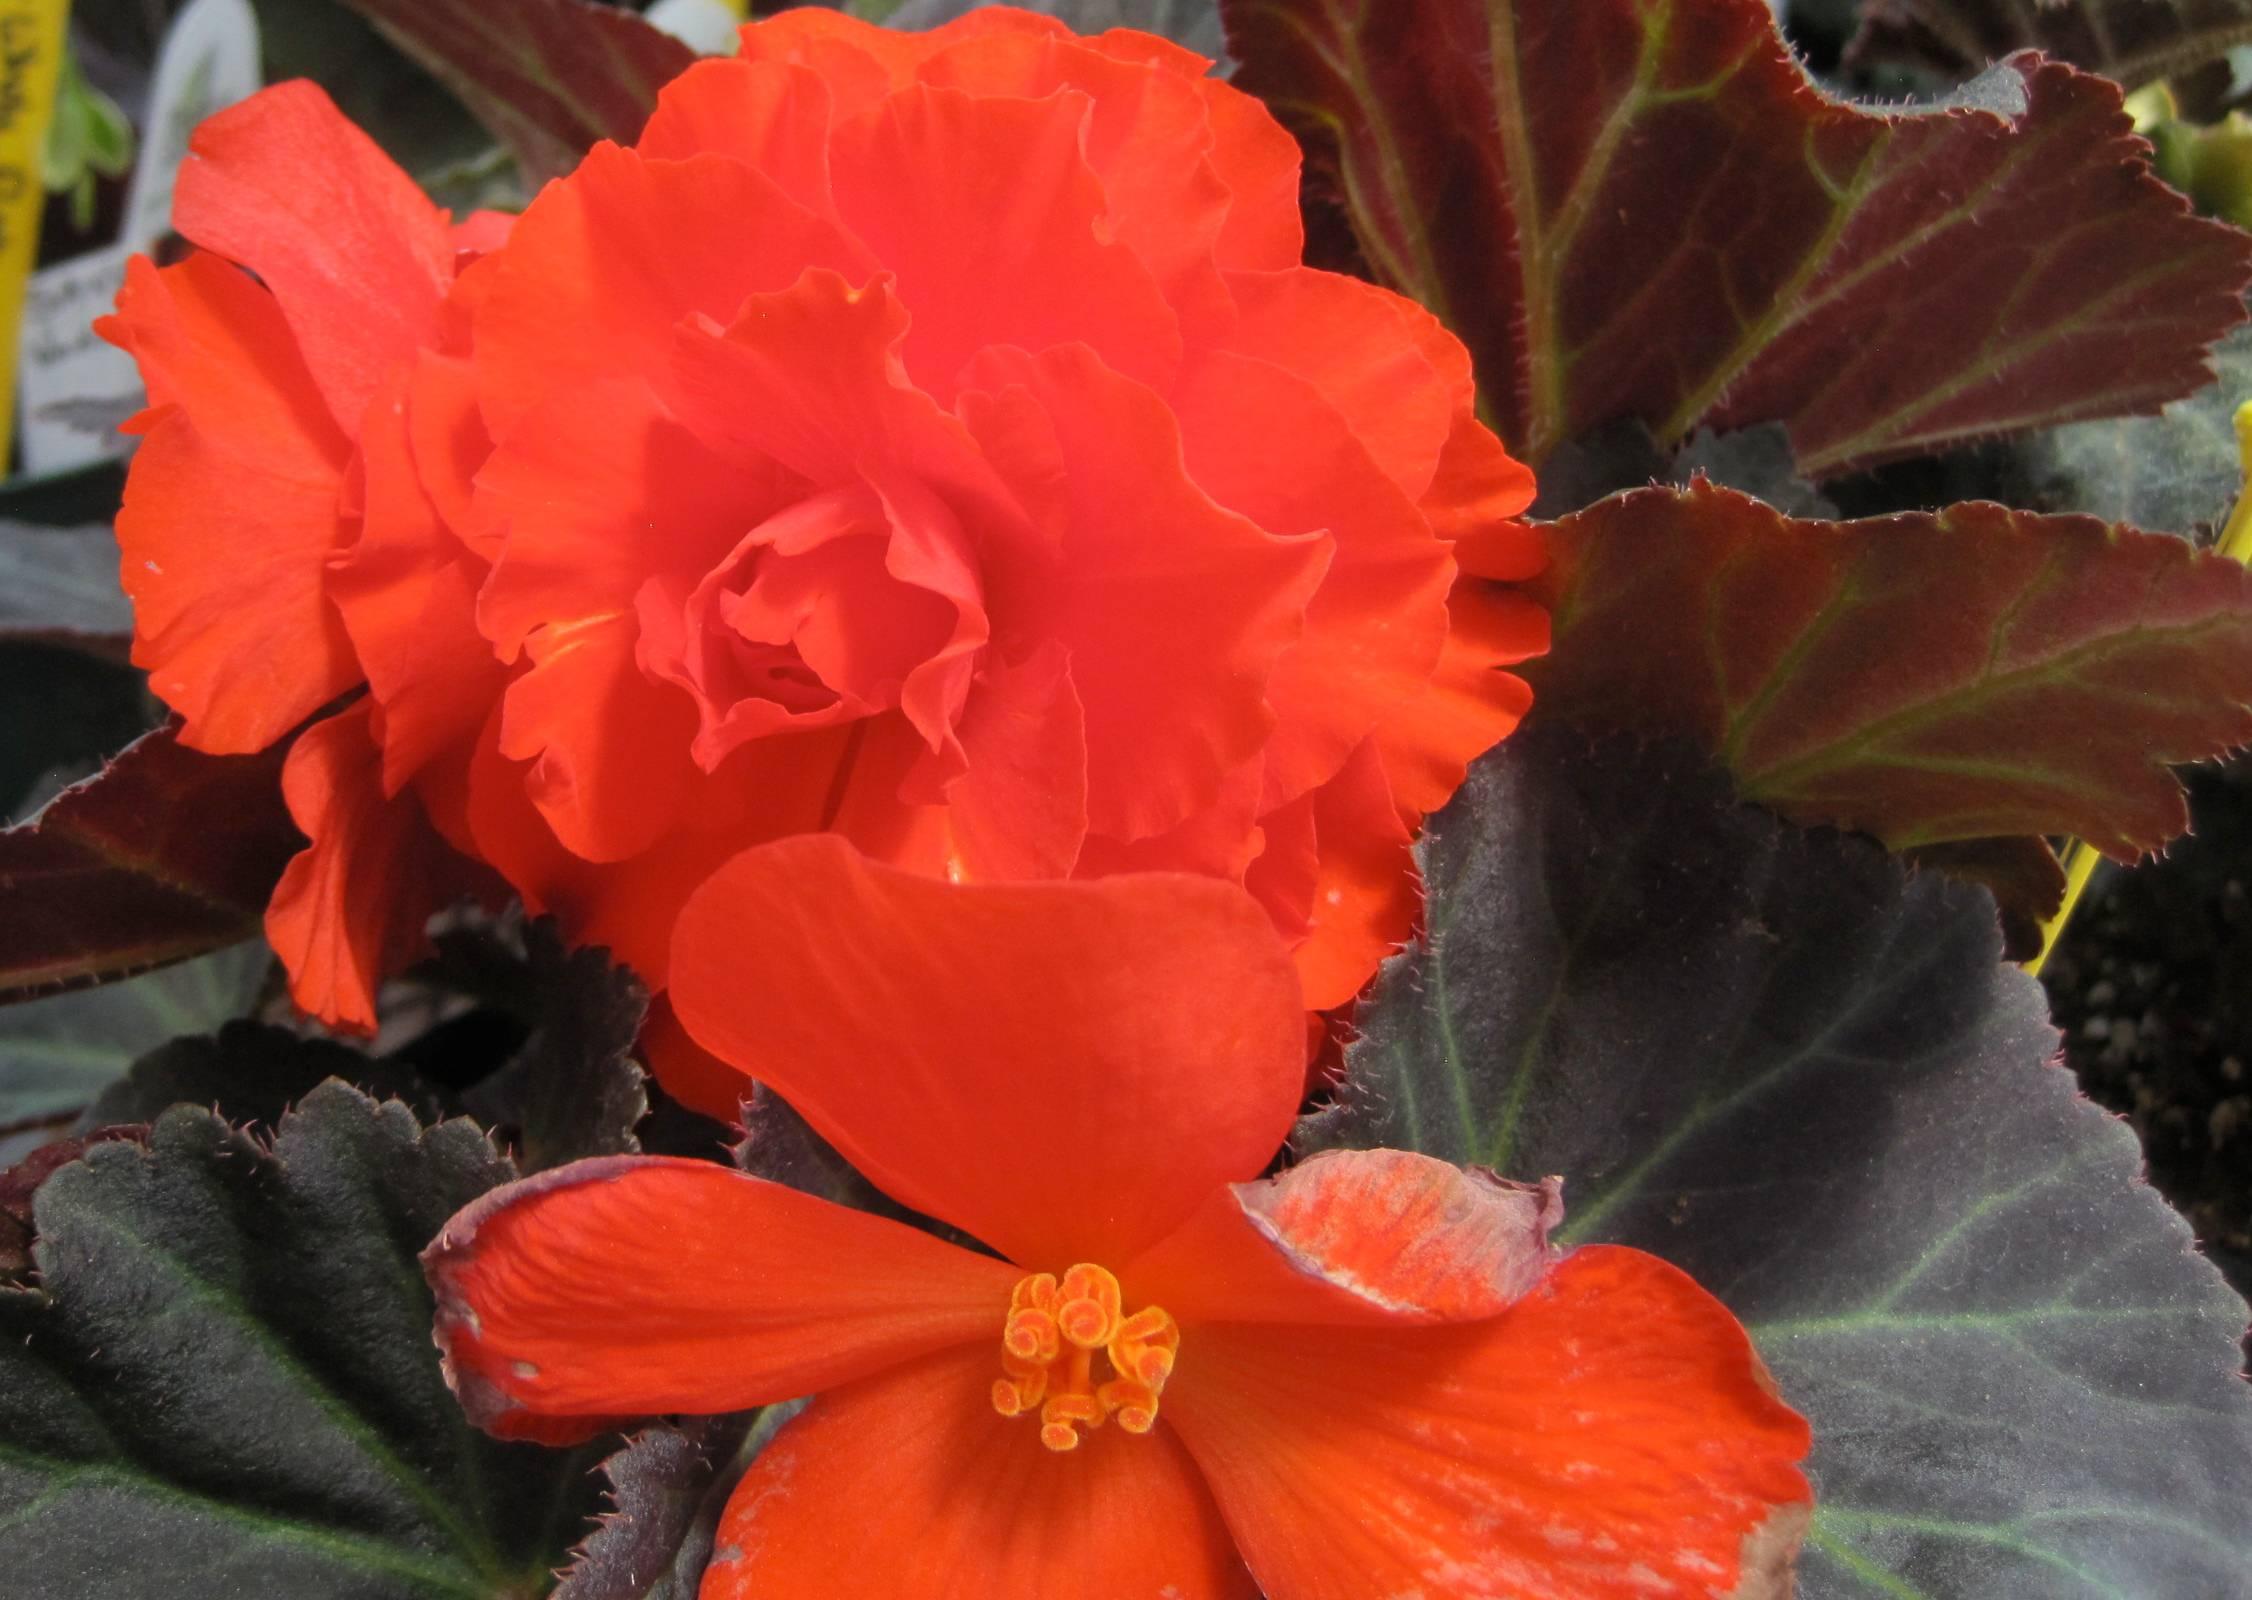 Brilliantly orange begonias